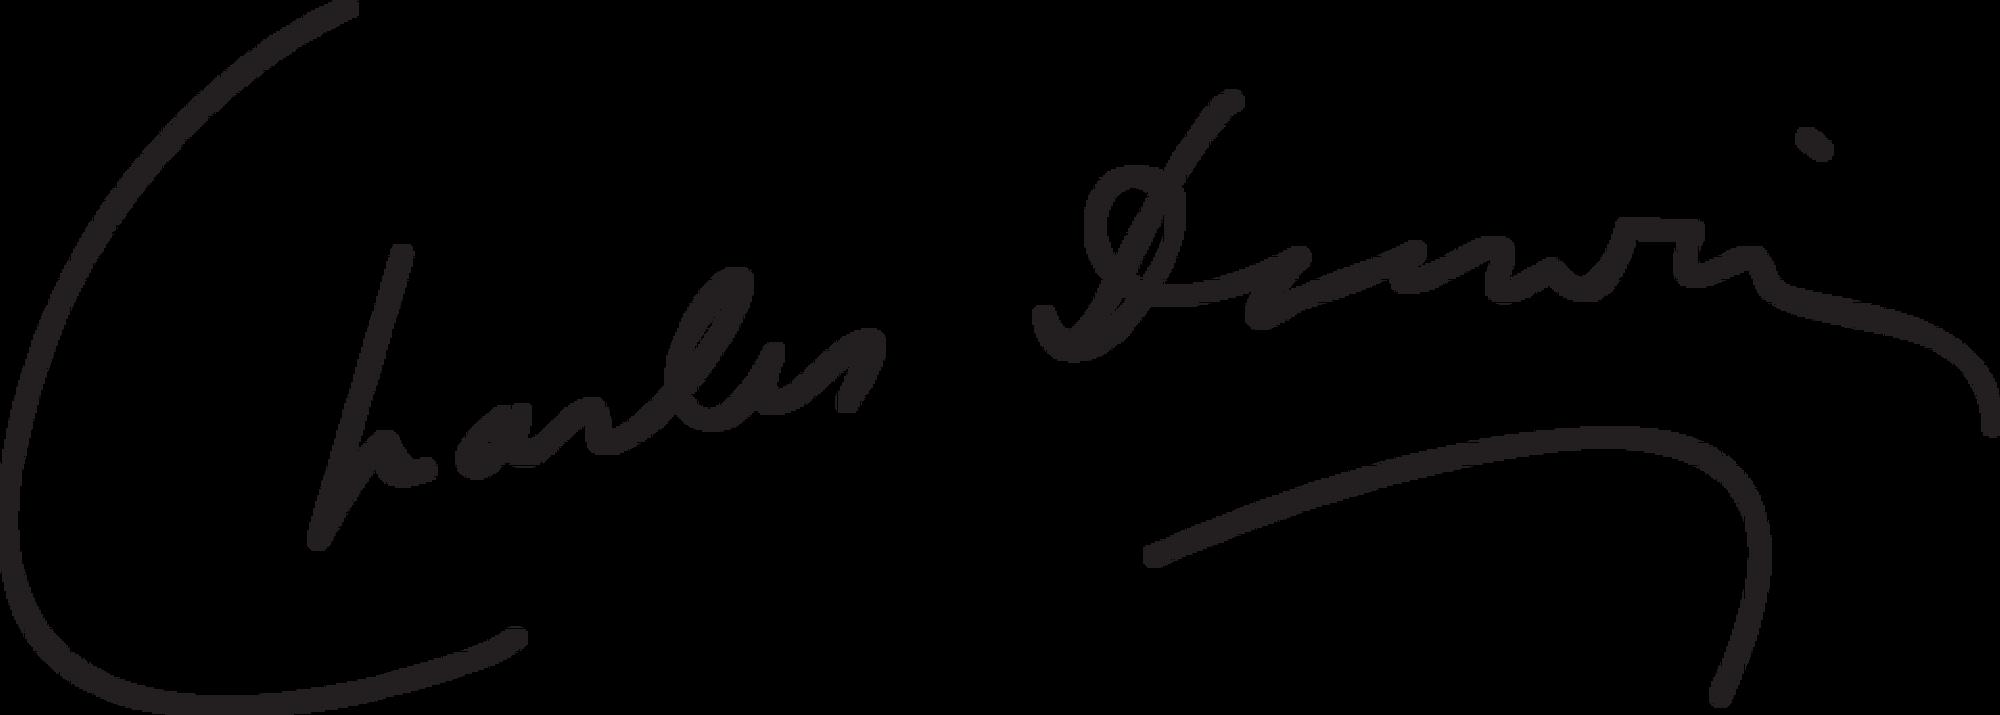 Charles_Darwin_Signature.png